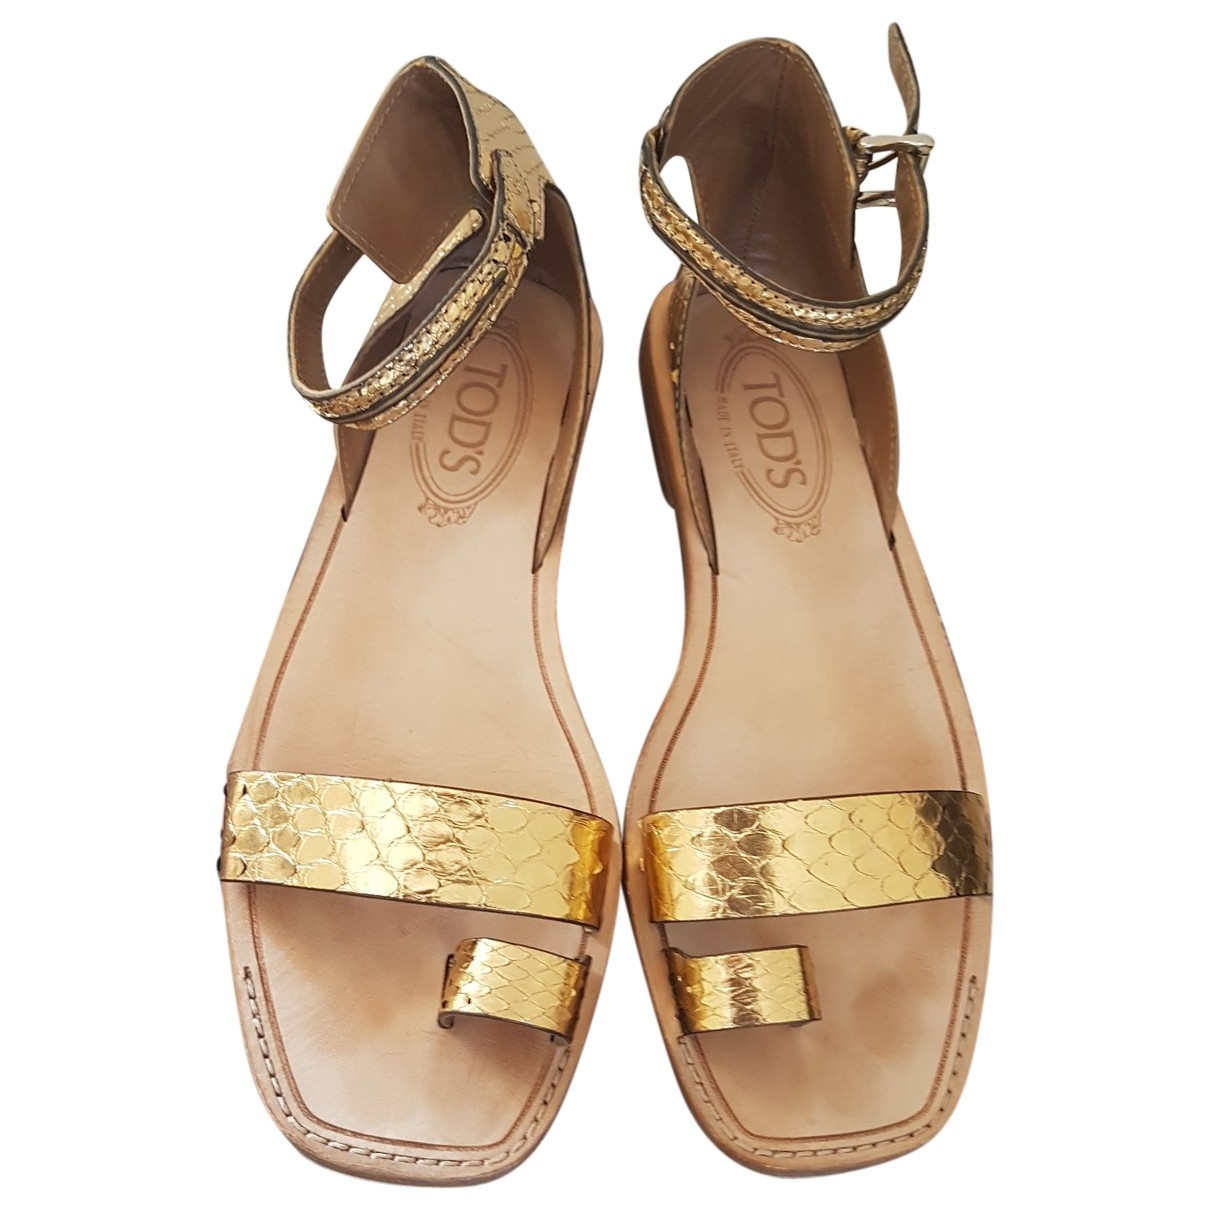 Sandalias romanas de Piton Tods